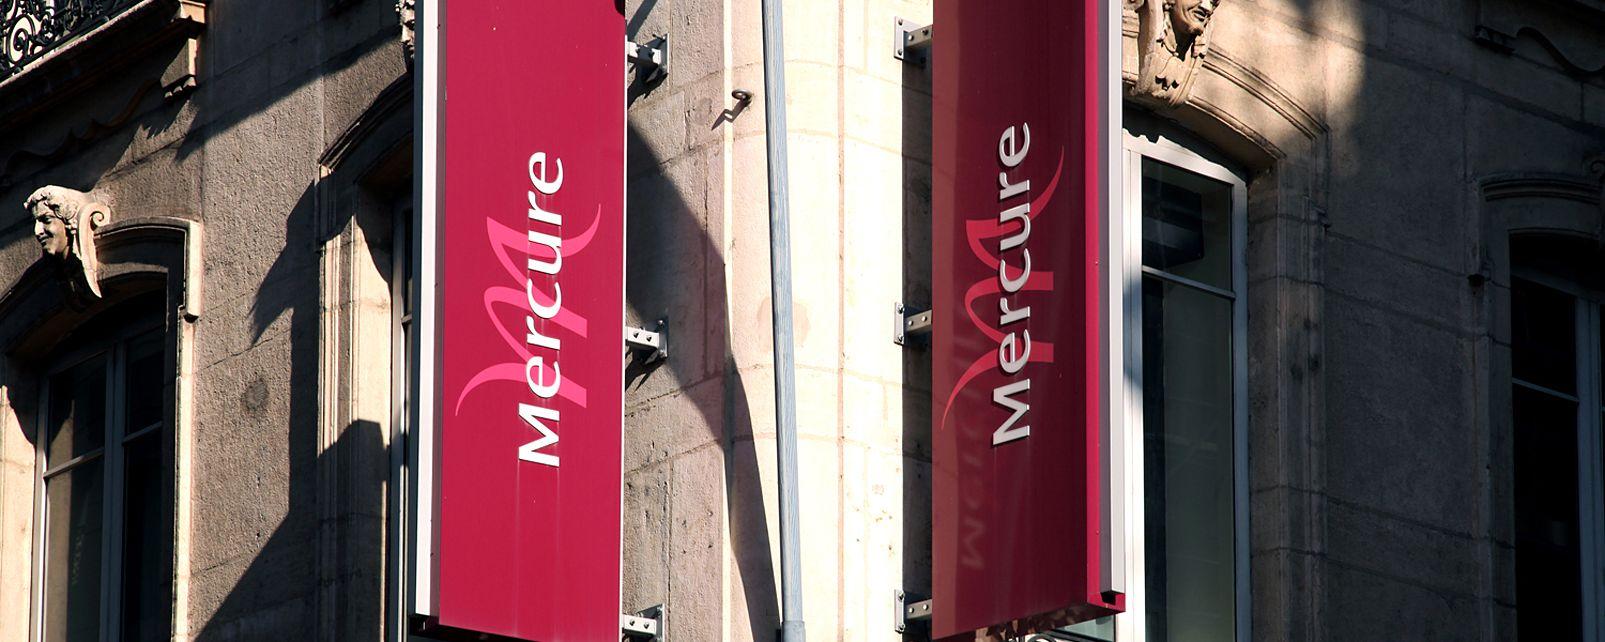 Hôtel Mercure Lyon Plaza République